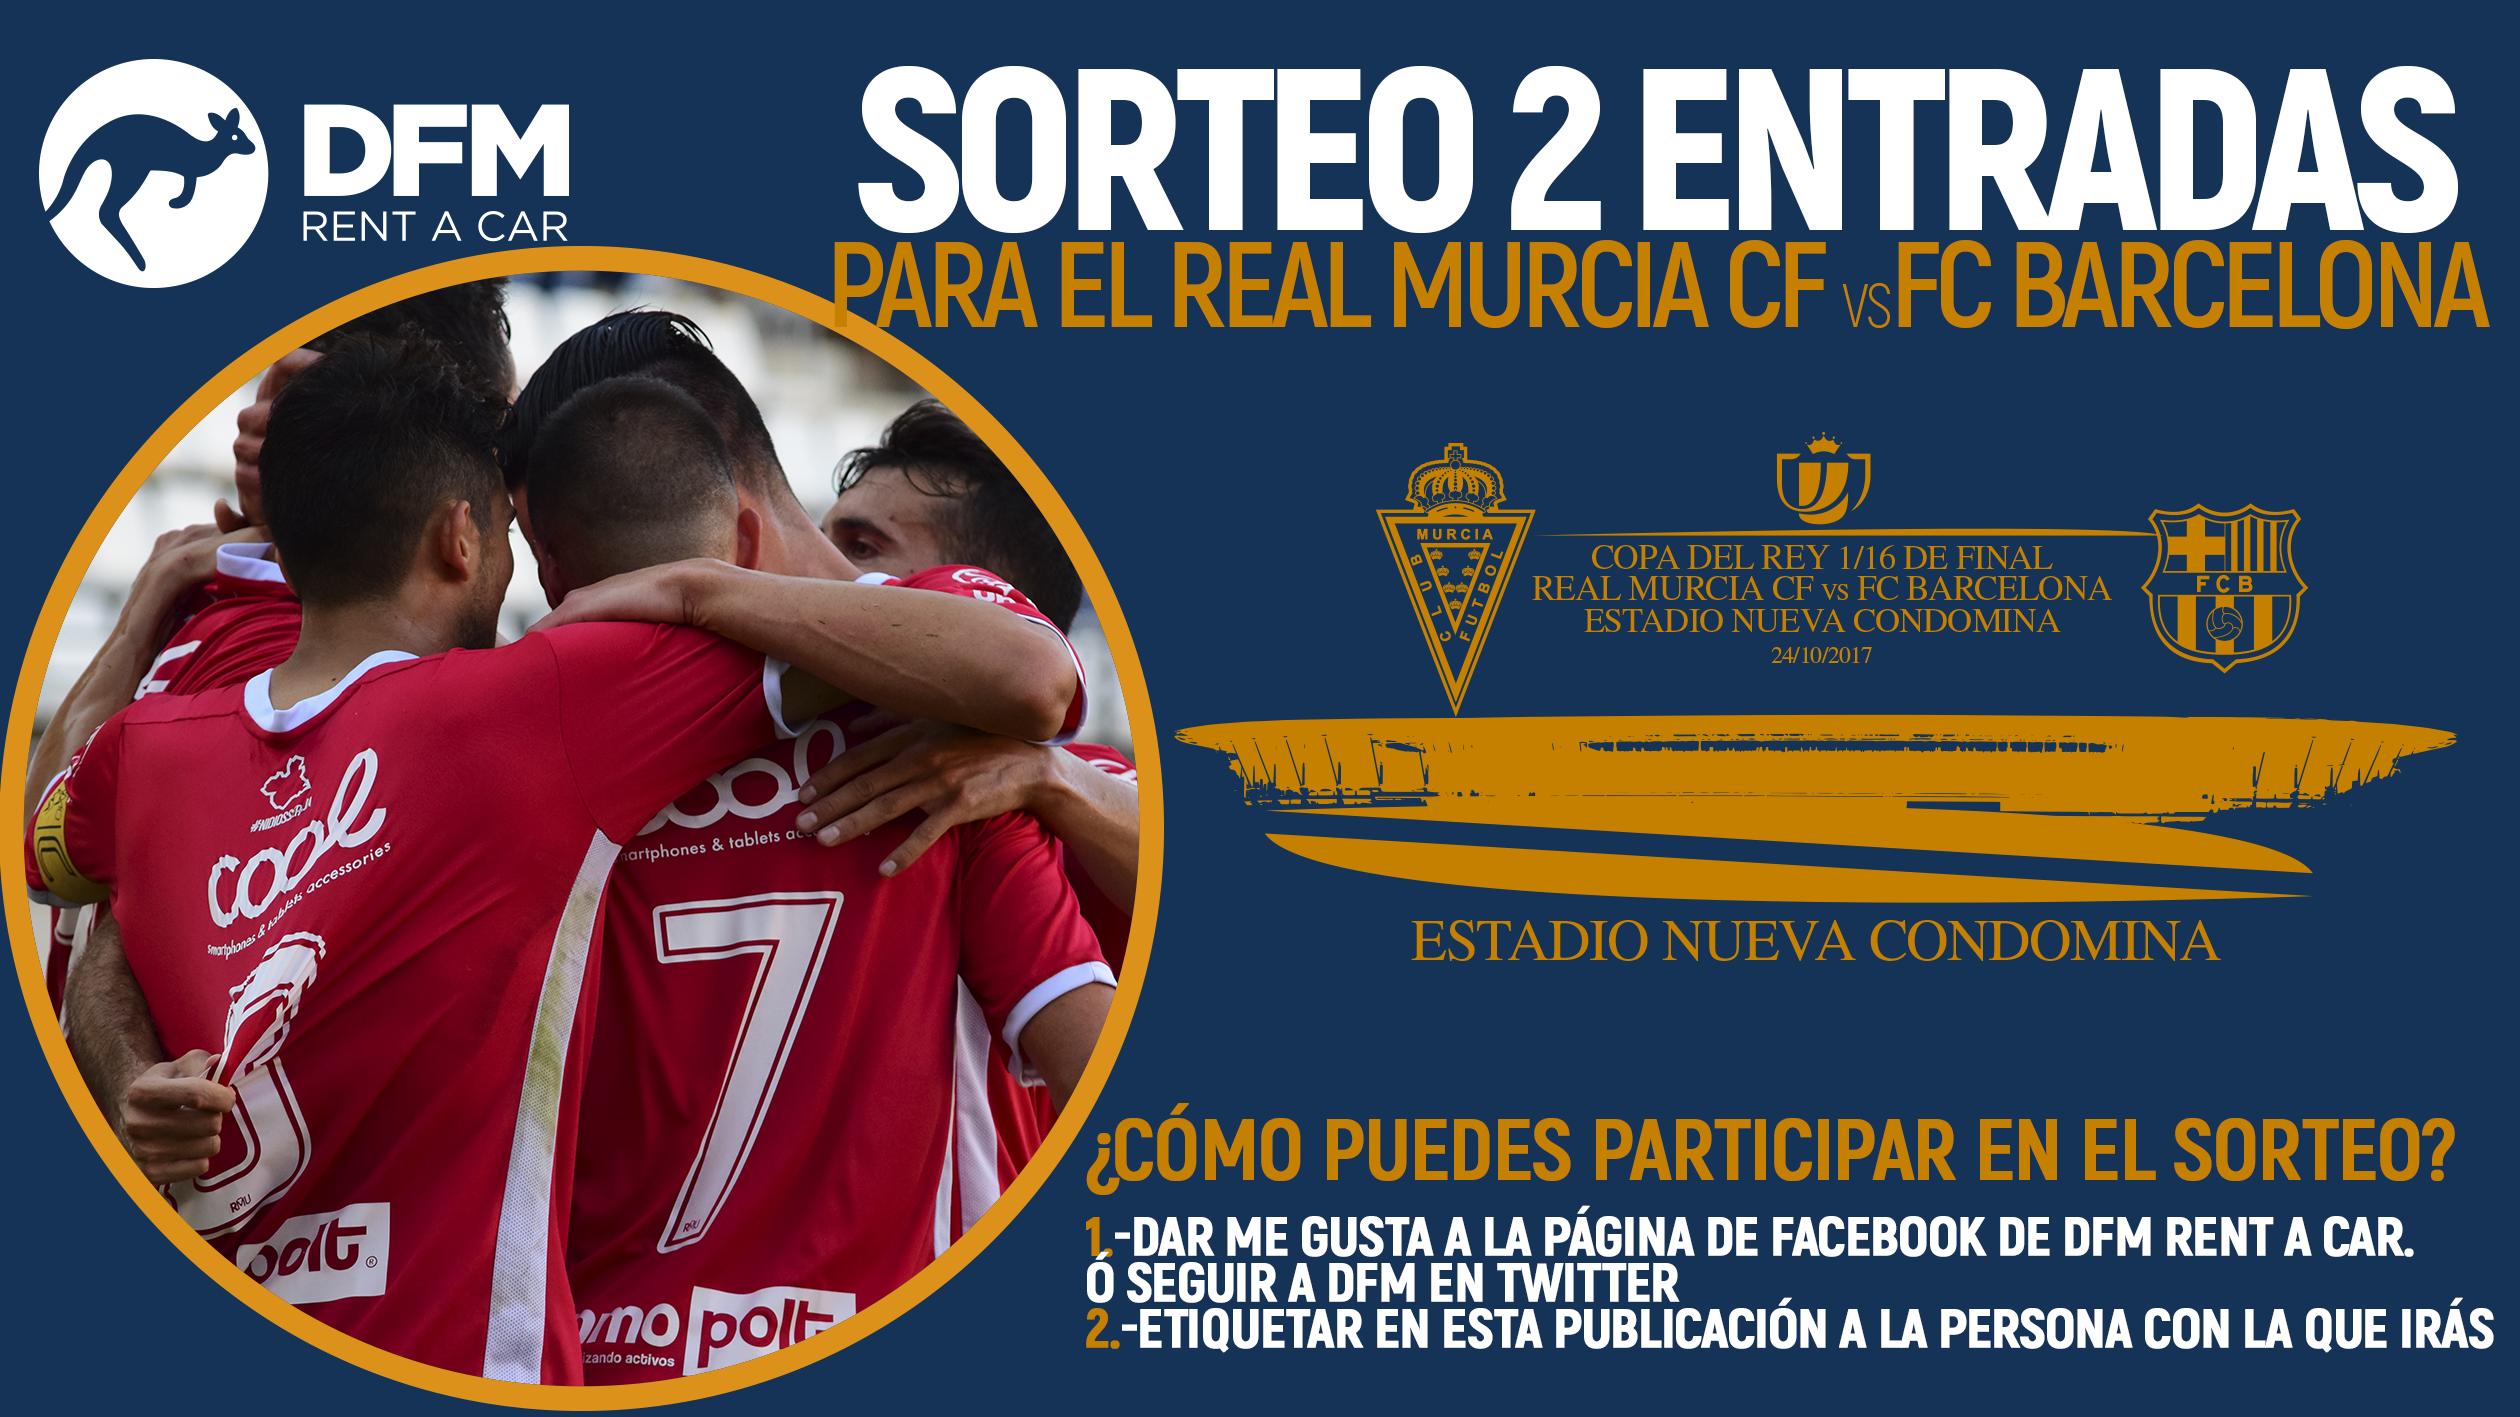 Sorteo de DFM Rent a Car para el partido de Copa del Rey entre el Real Murcia y el FC Barcelona